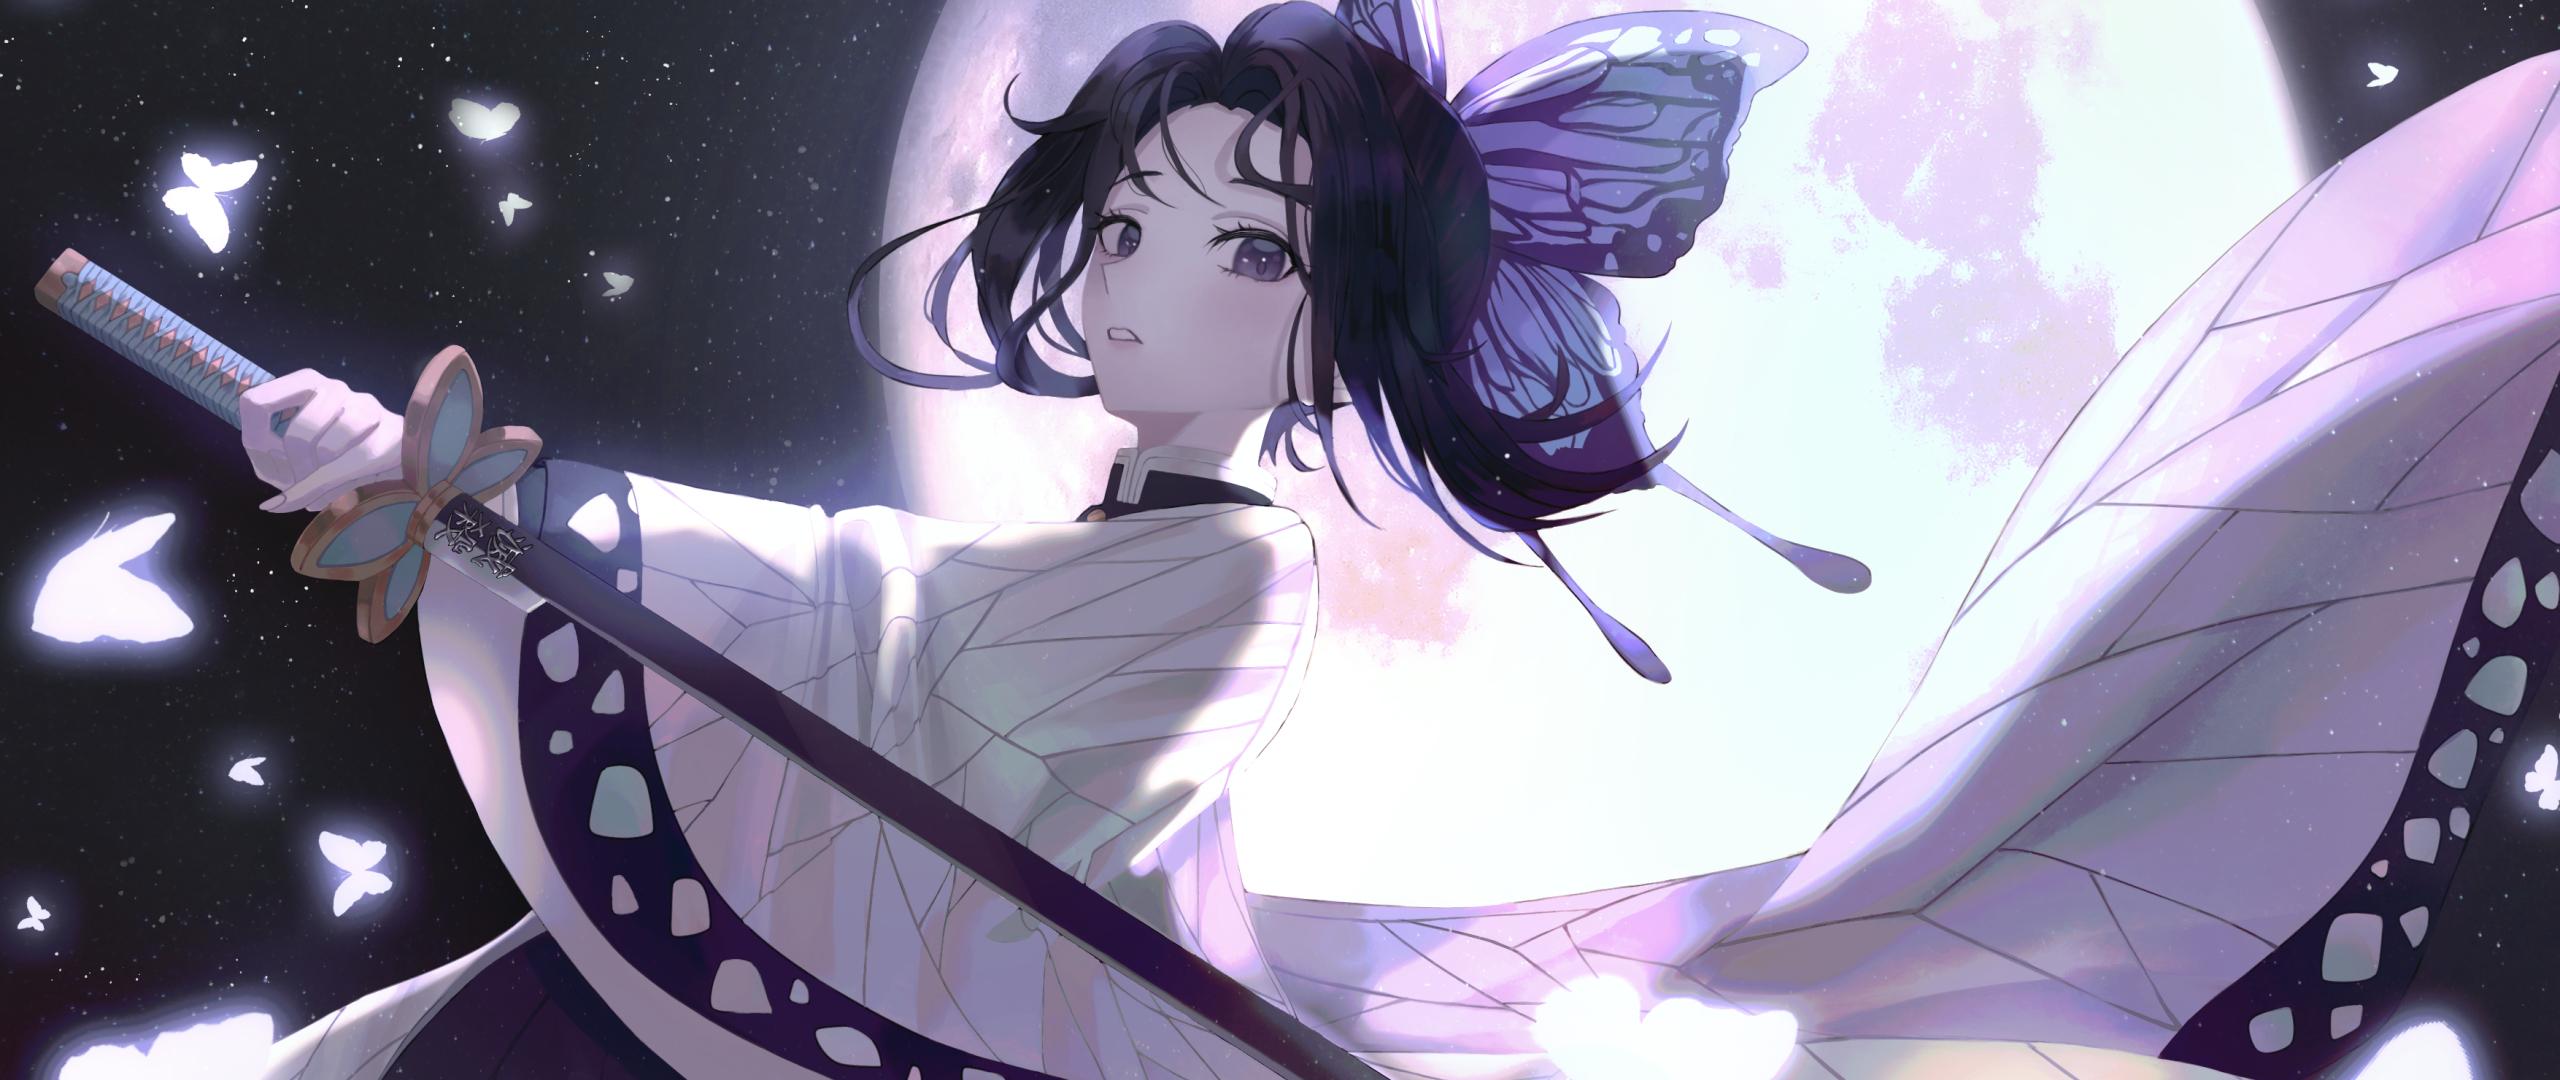 2560x1080 Shinobu Kochou Anime 4K 2560x1080 Resolution ...